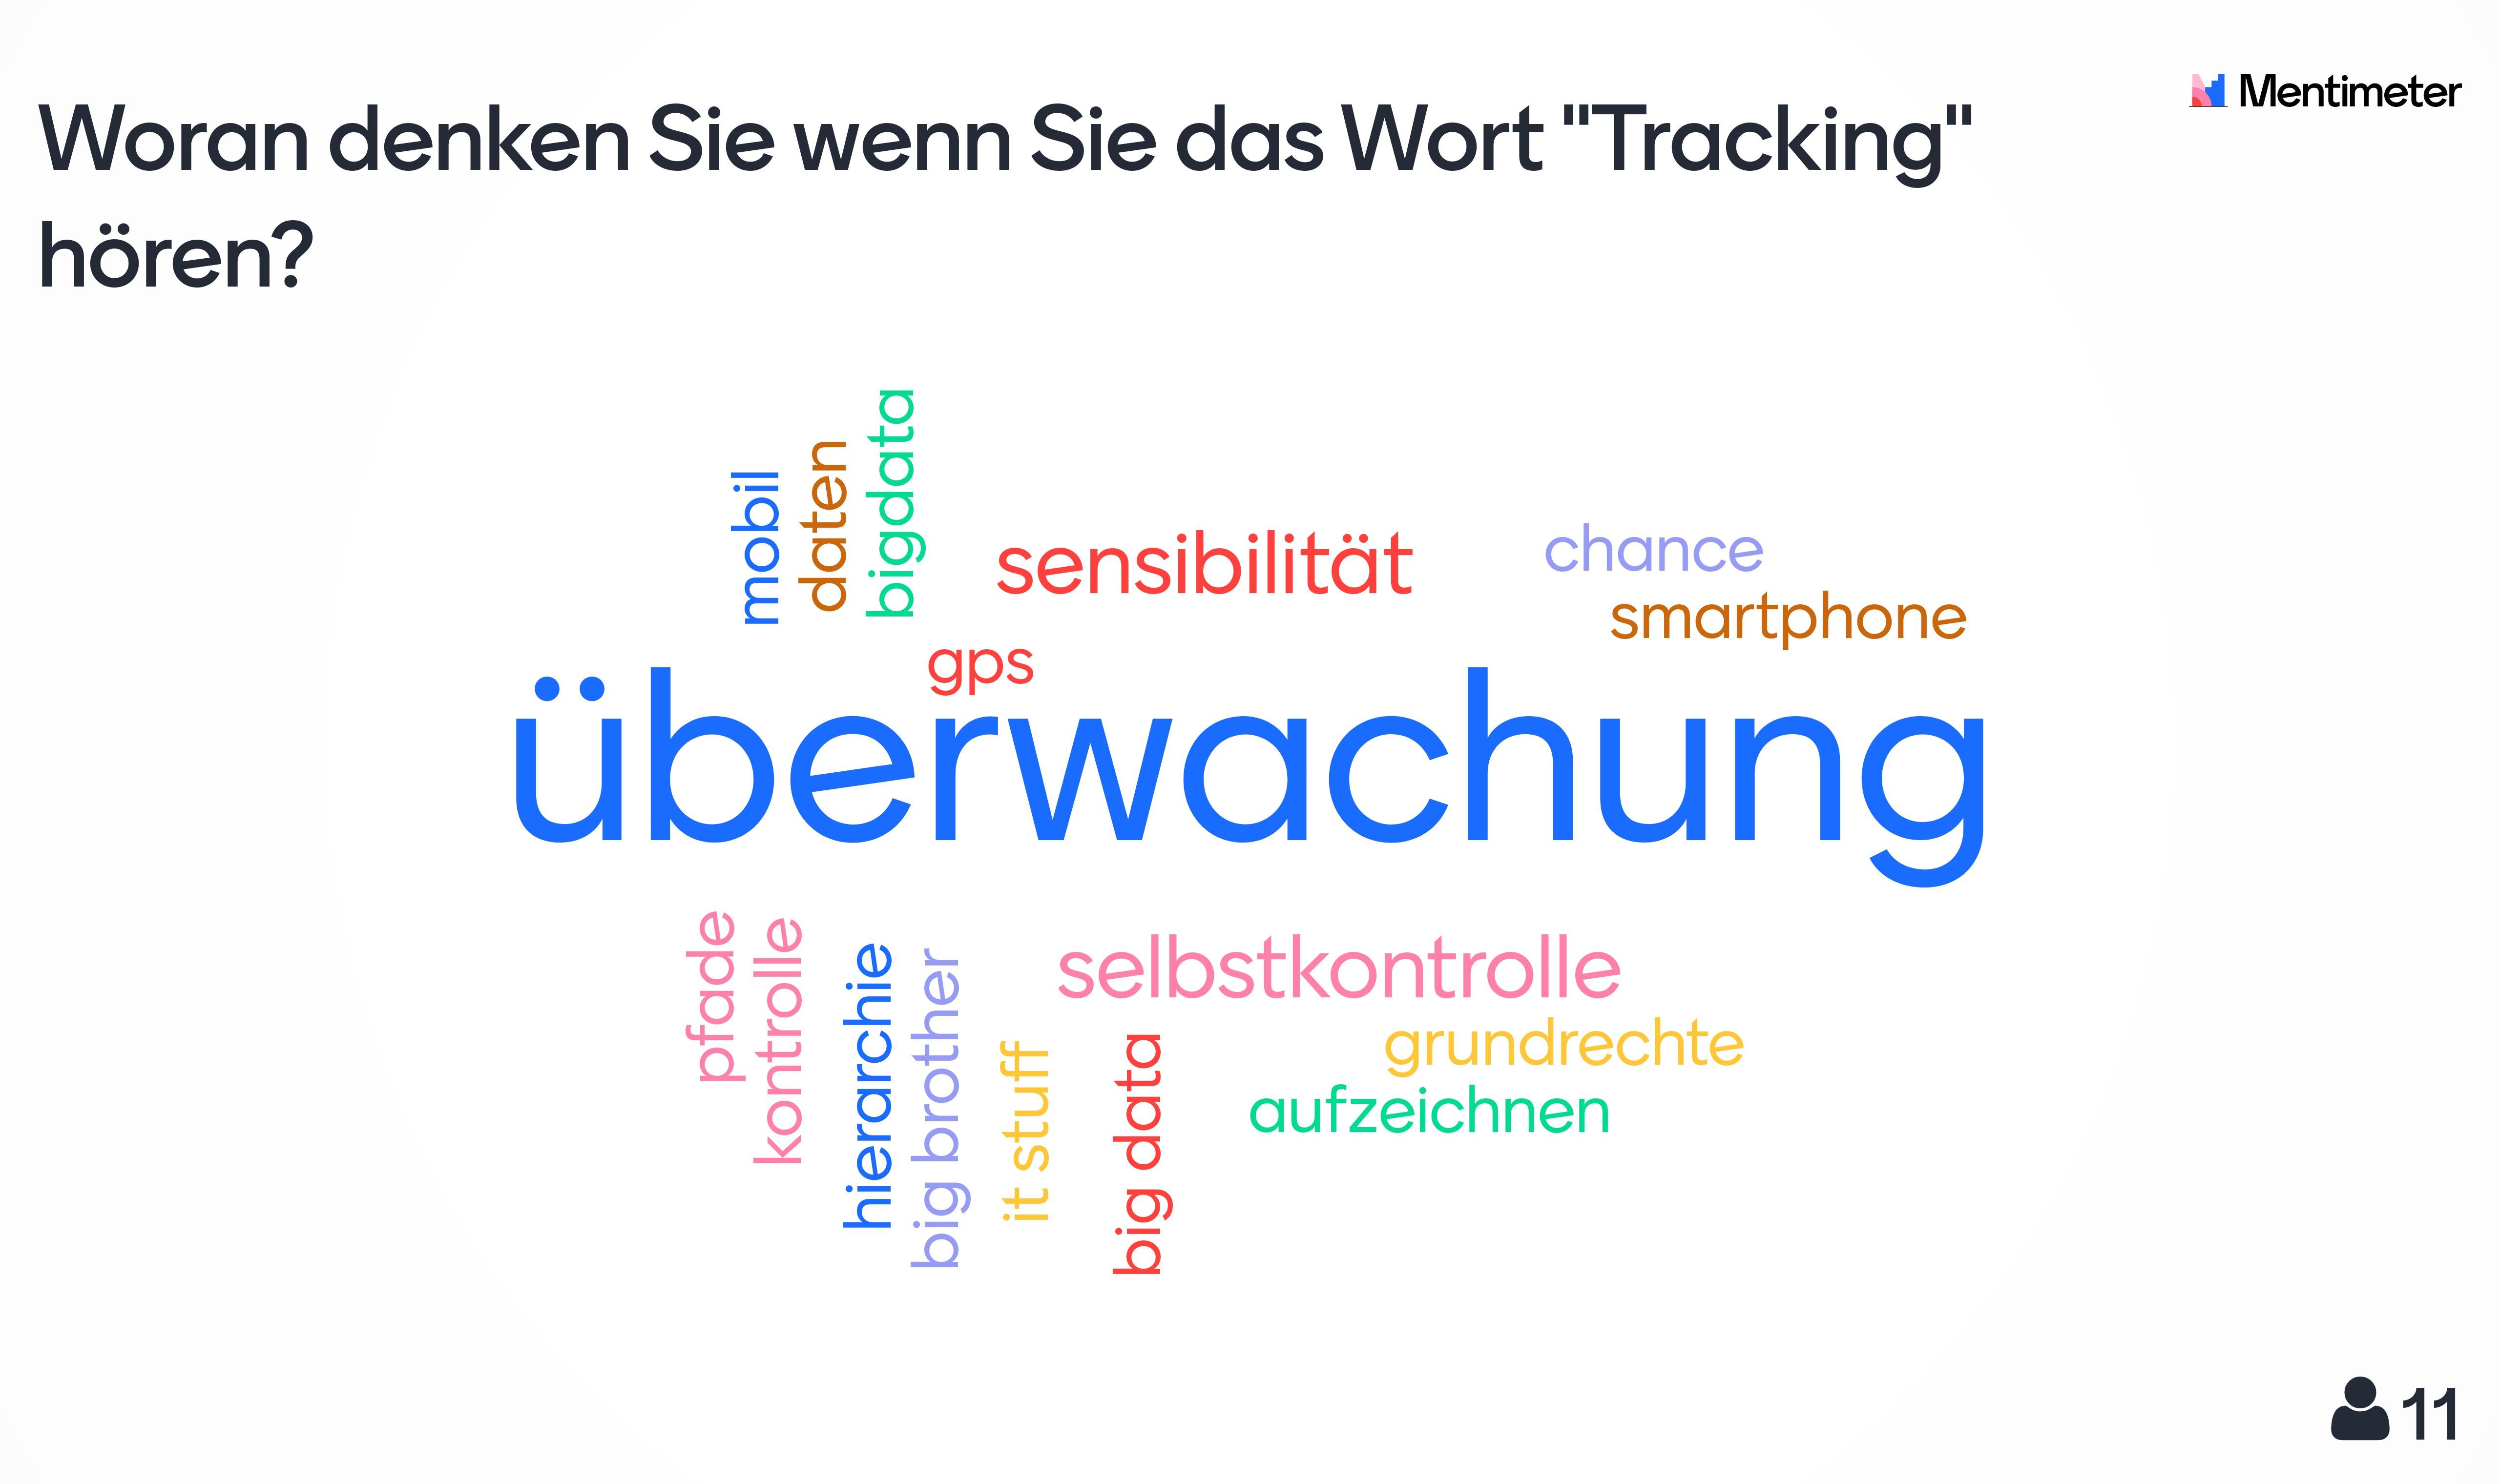 Mentimeter-Umfrage zum Begriff 'Tracking'